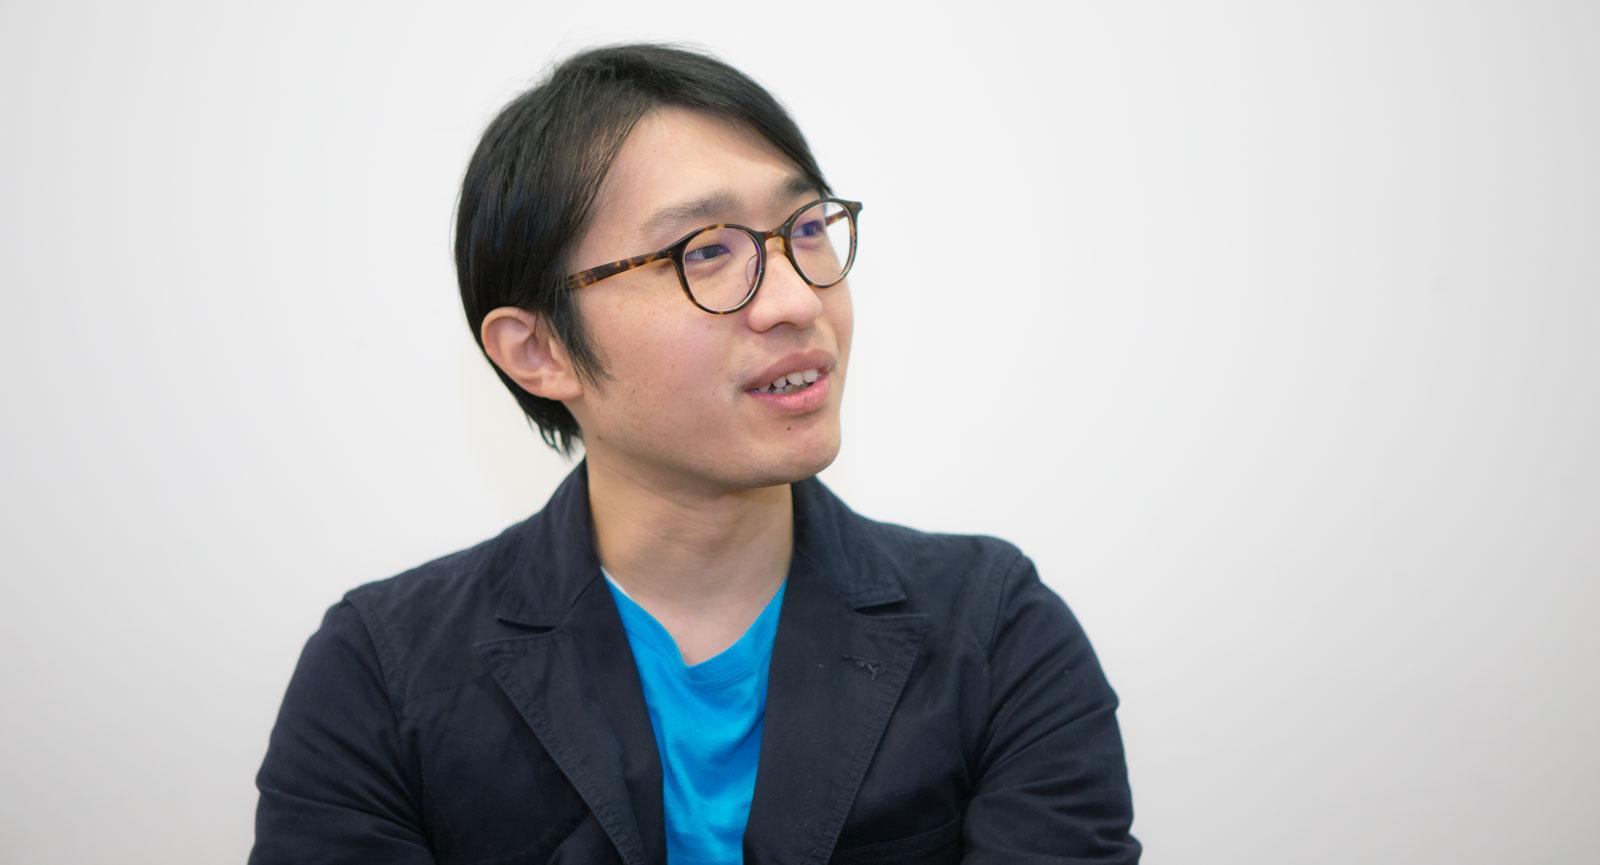 インタラクティブソリューション本部 Webディレクター 西山 武秀さん